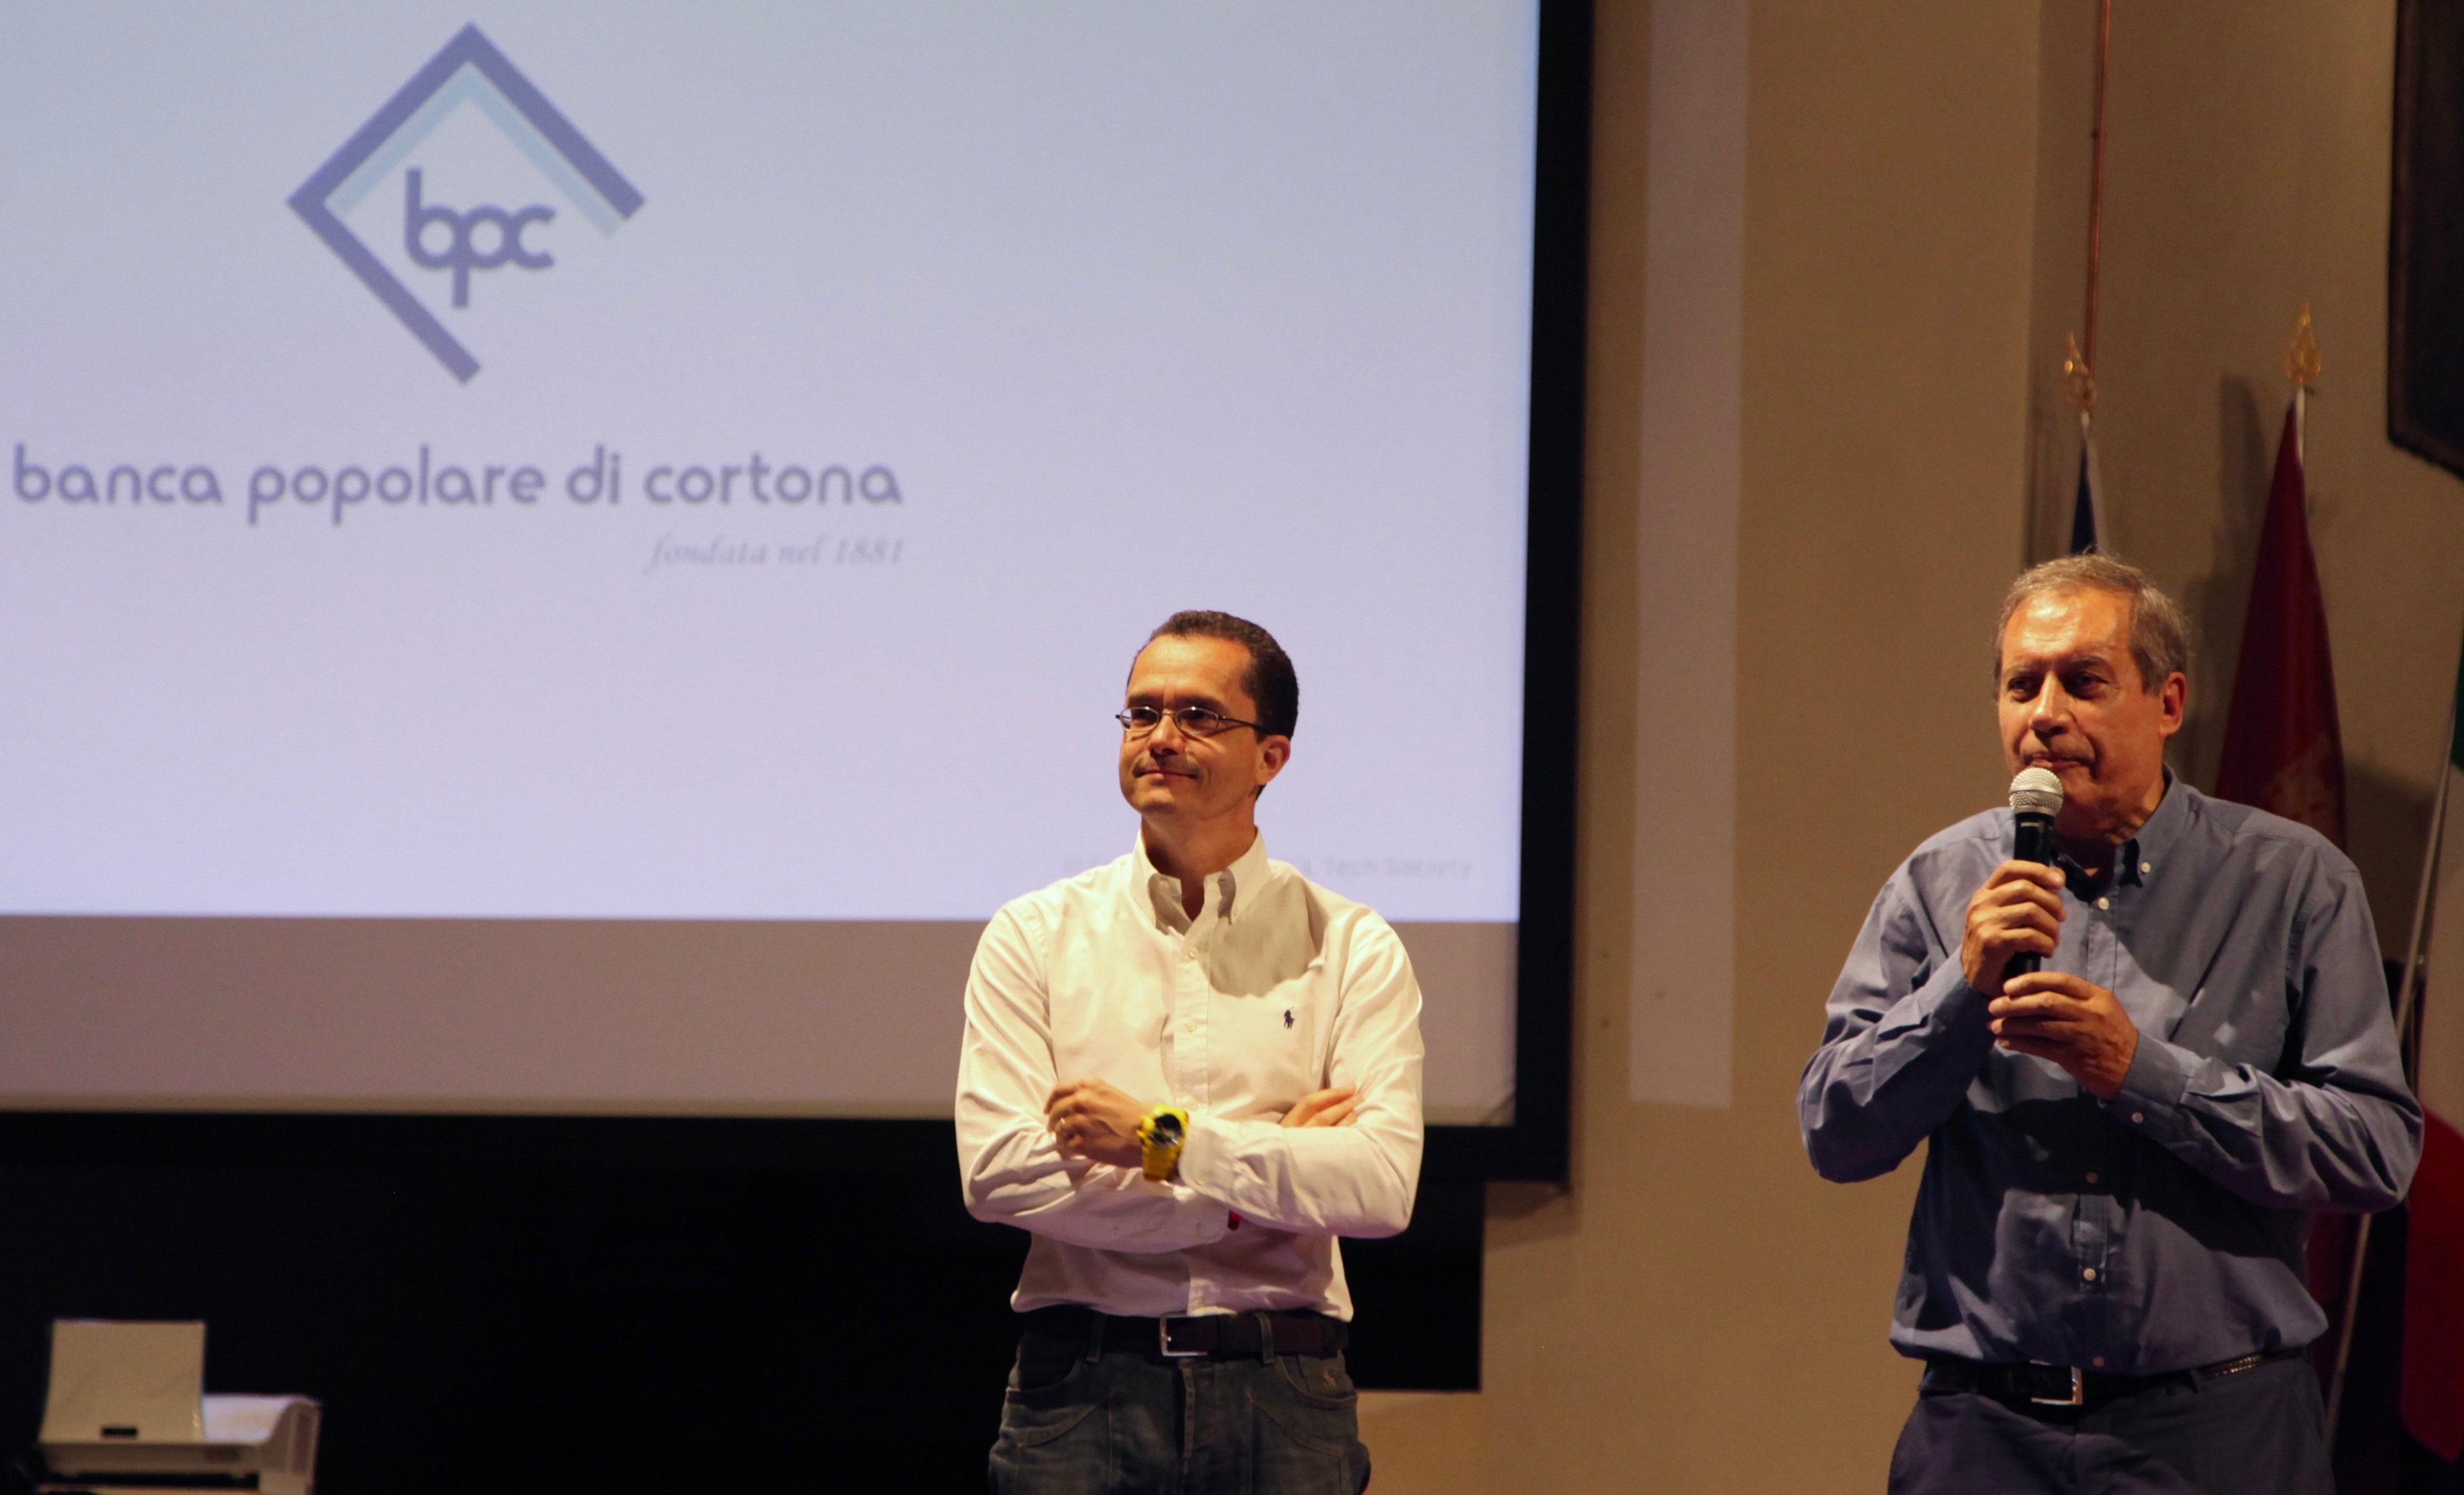 Nuova filiale per Banca Popolare di Cortona nel cuore di Arezzo. Inaugurazione il 29 Settembre